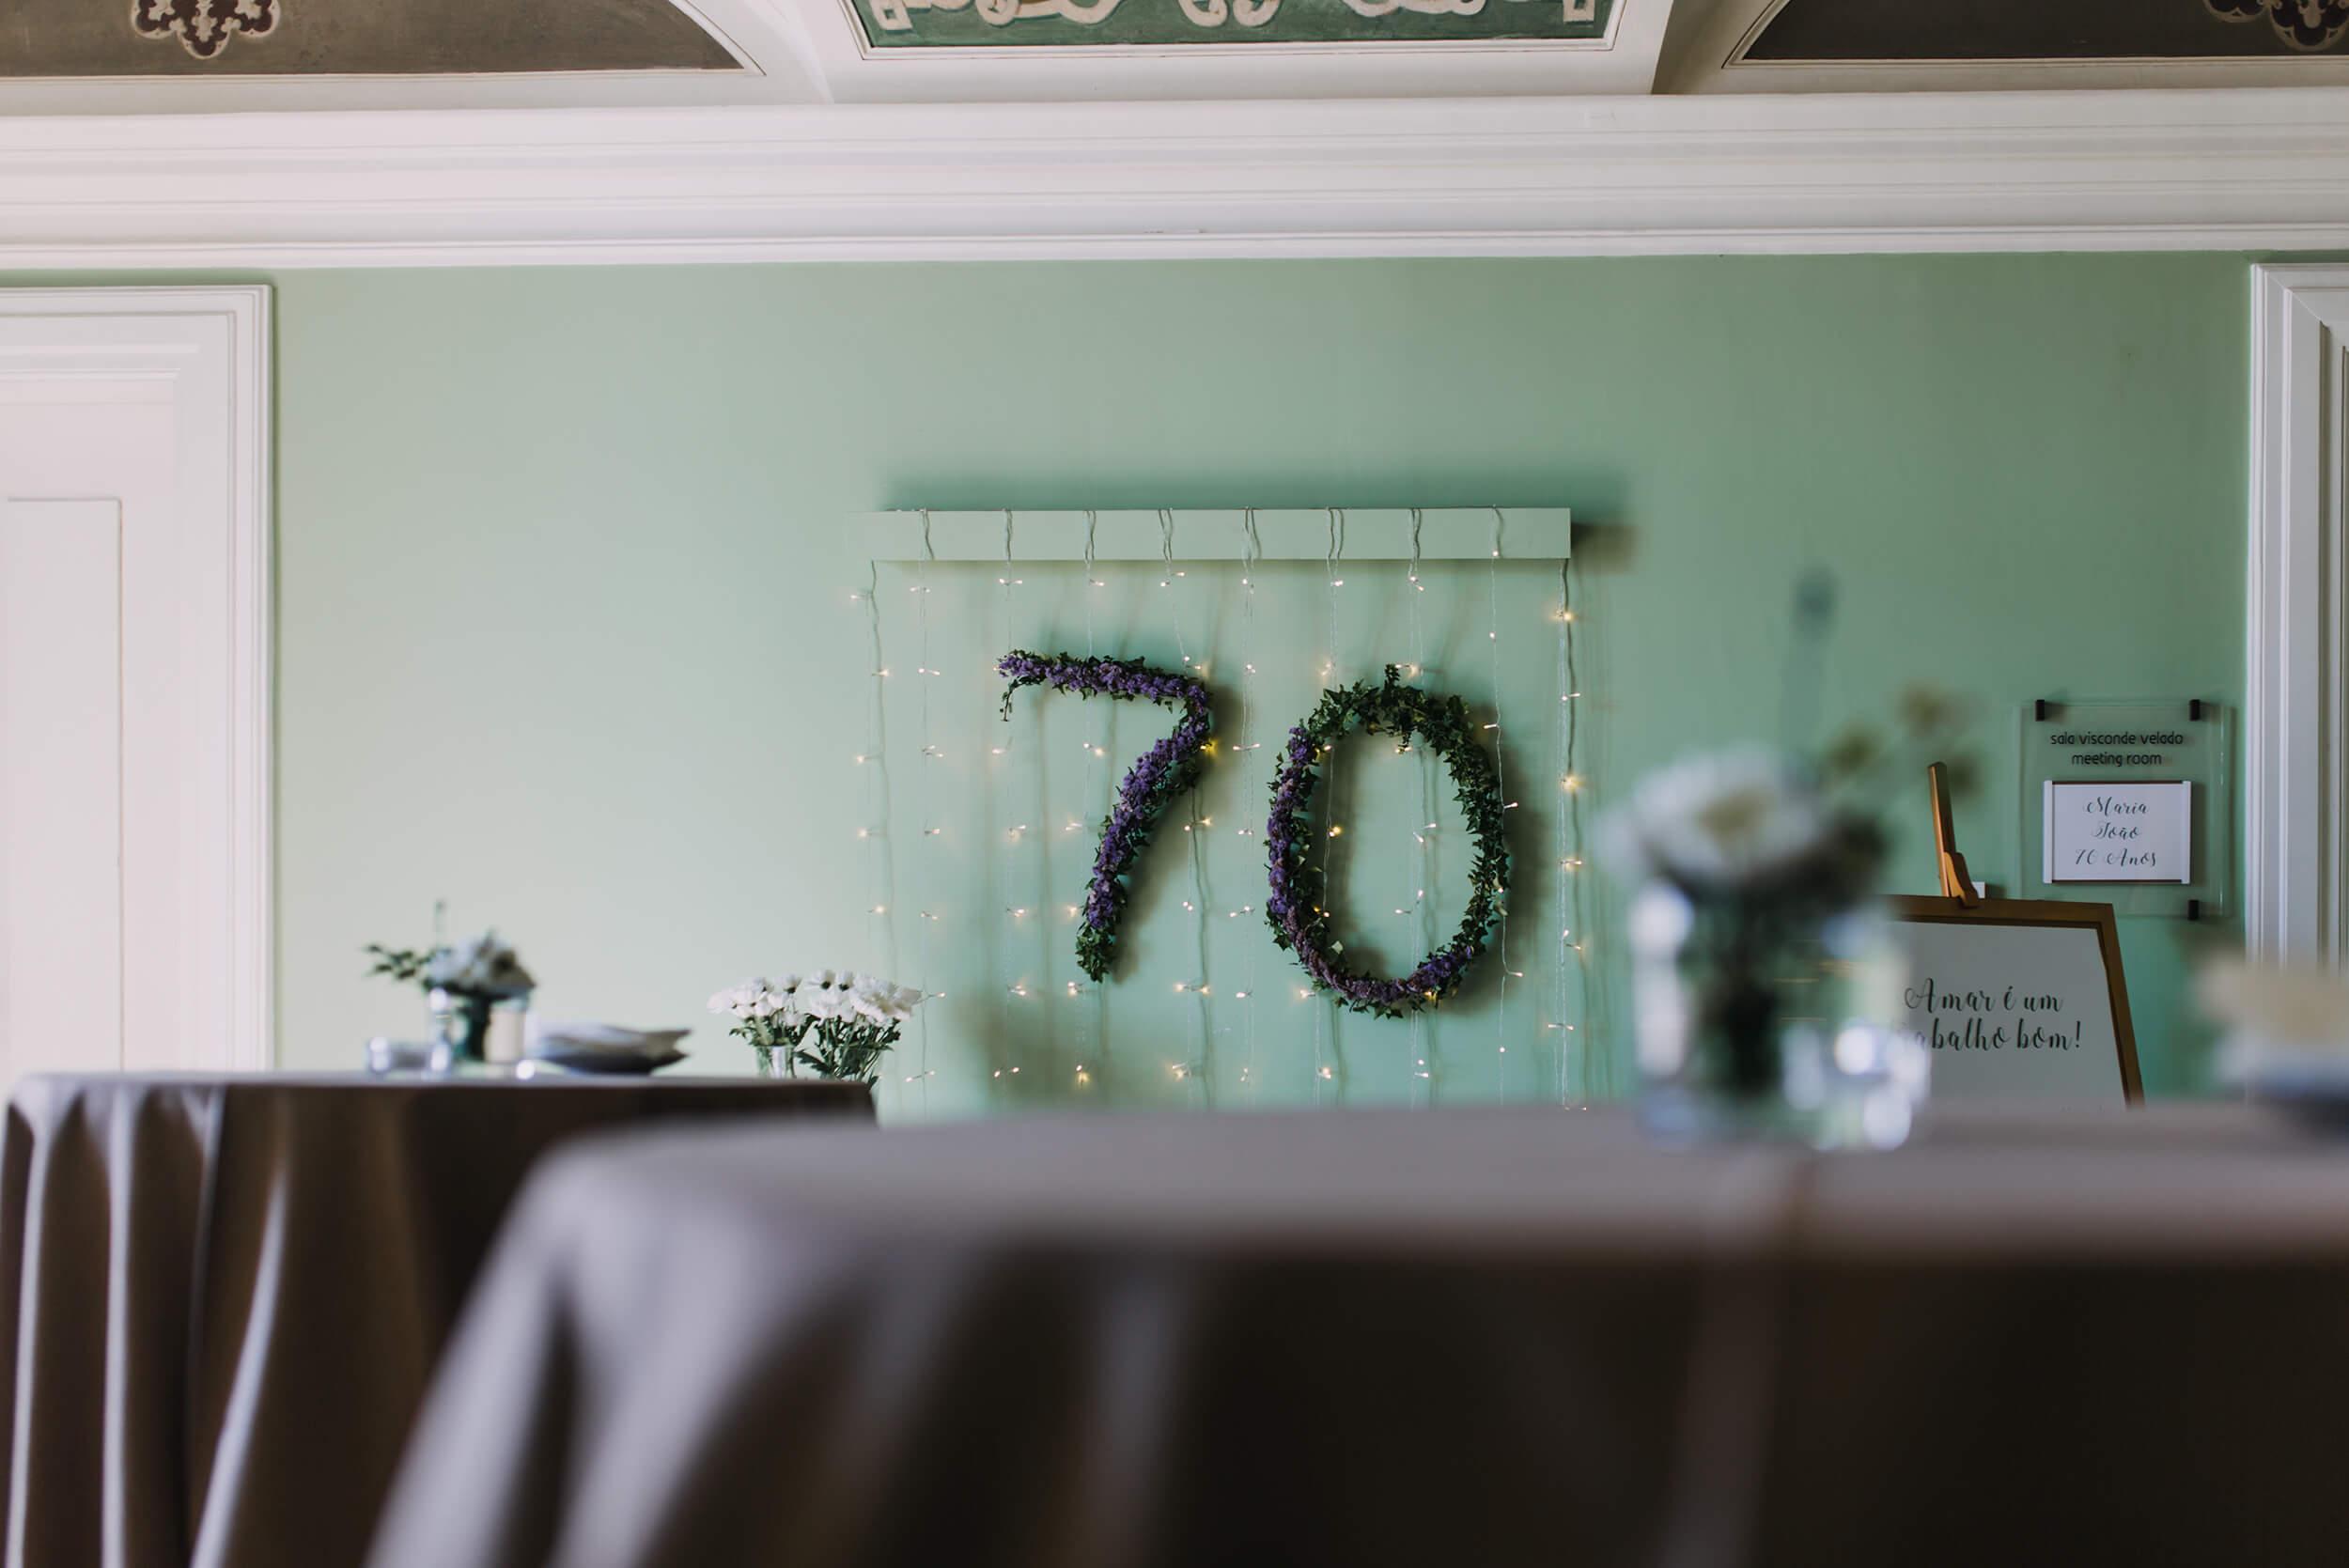 roma-organizacao-eventos-festa-aniversario-maria-joao-70-anos-22